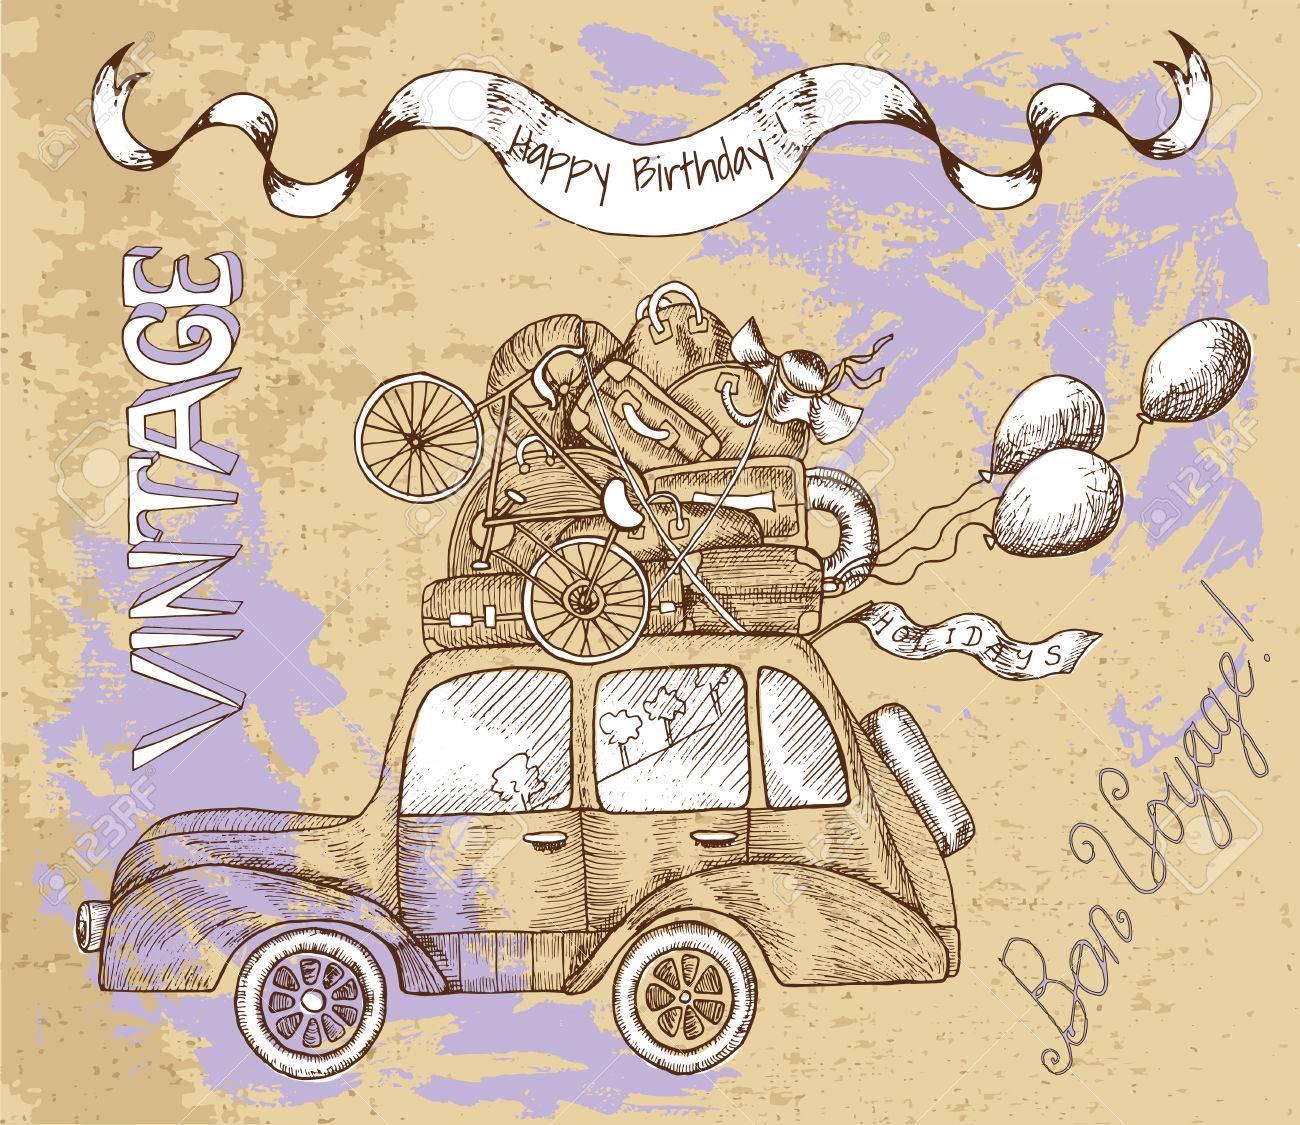 Carte Vintage Joyeux Anniversaire Avec Une Voiture Rétro Des Bagages Du Texte Et Des Ballons Sur Fond Texturé Doodle Line Art Illustration Avec